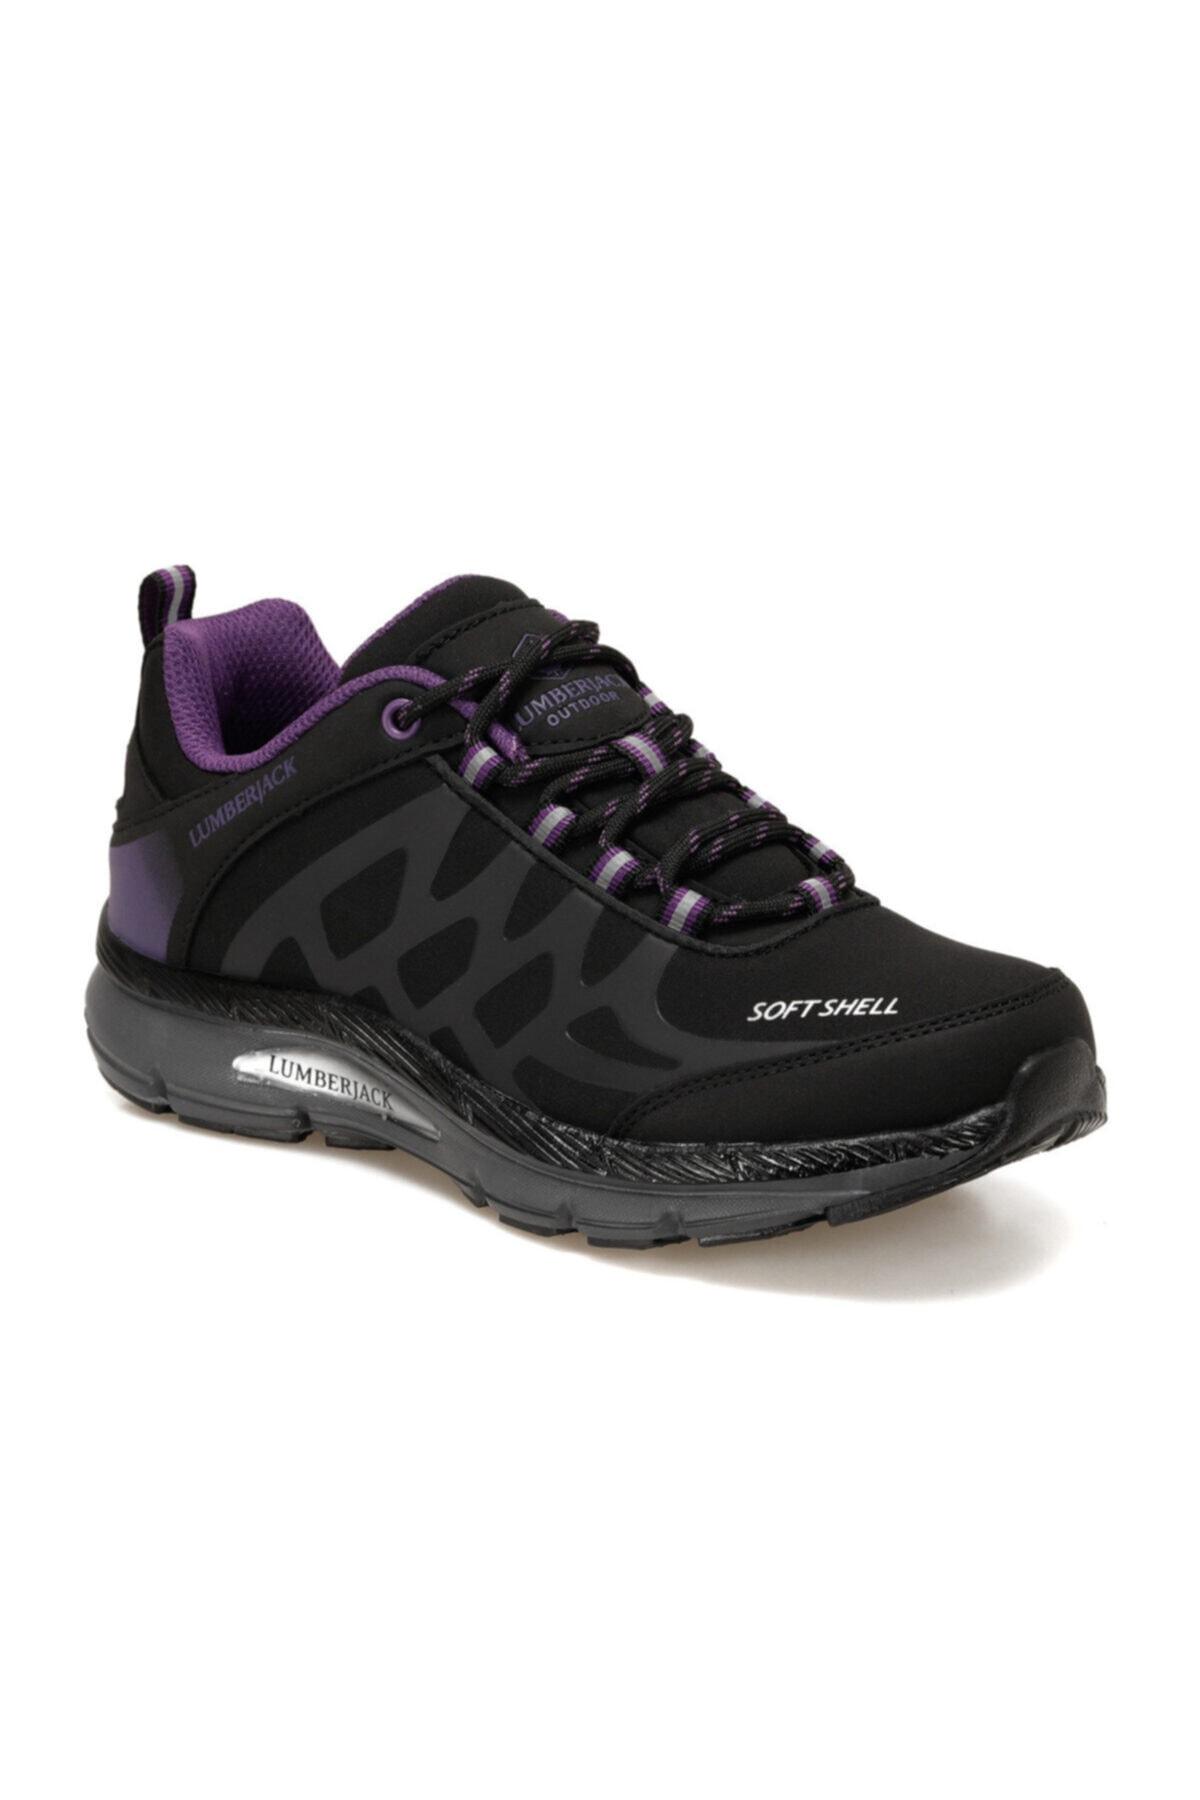 lumberjack Kadın Siyah Outdoor Ayakkabı 1